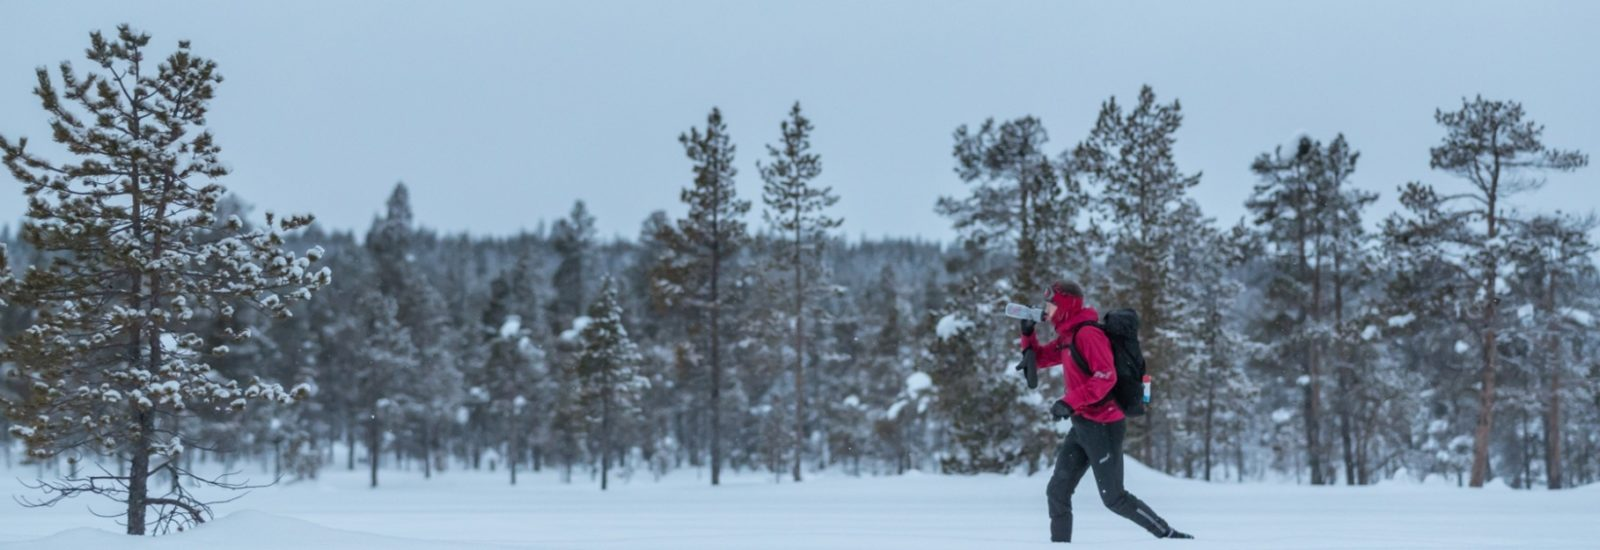 Ice Ultra 18 Yeti Nordisk Banner Mikkel Beisner 25